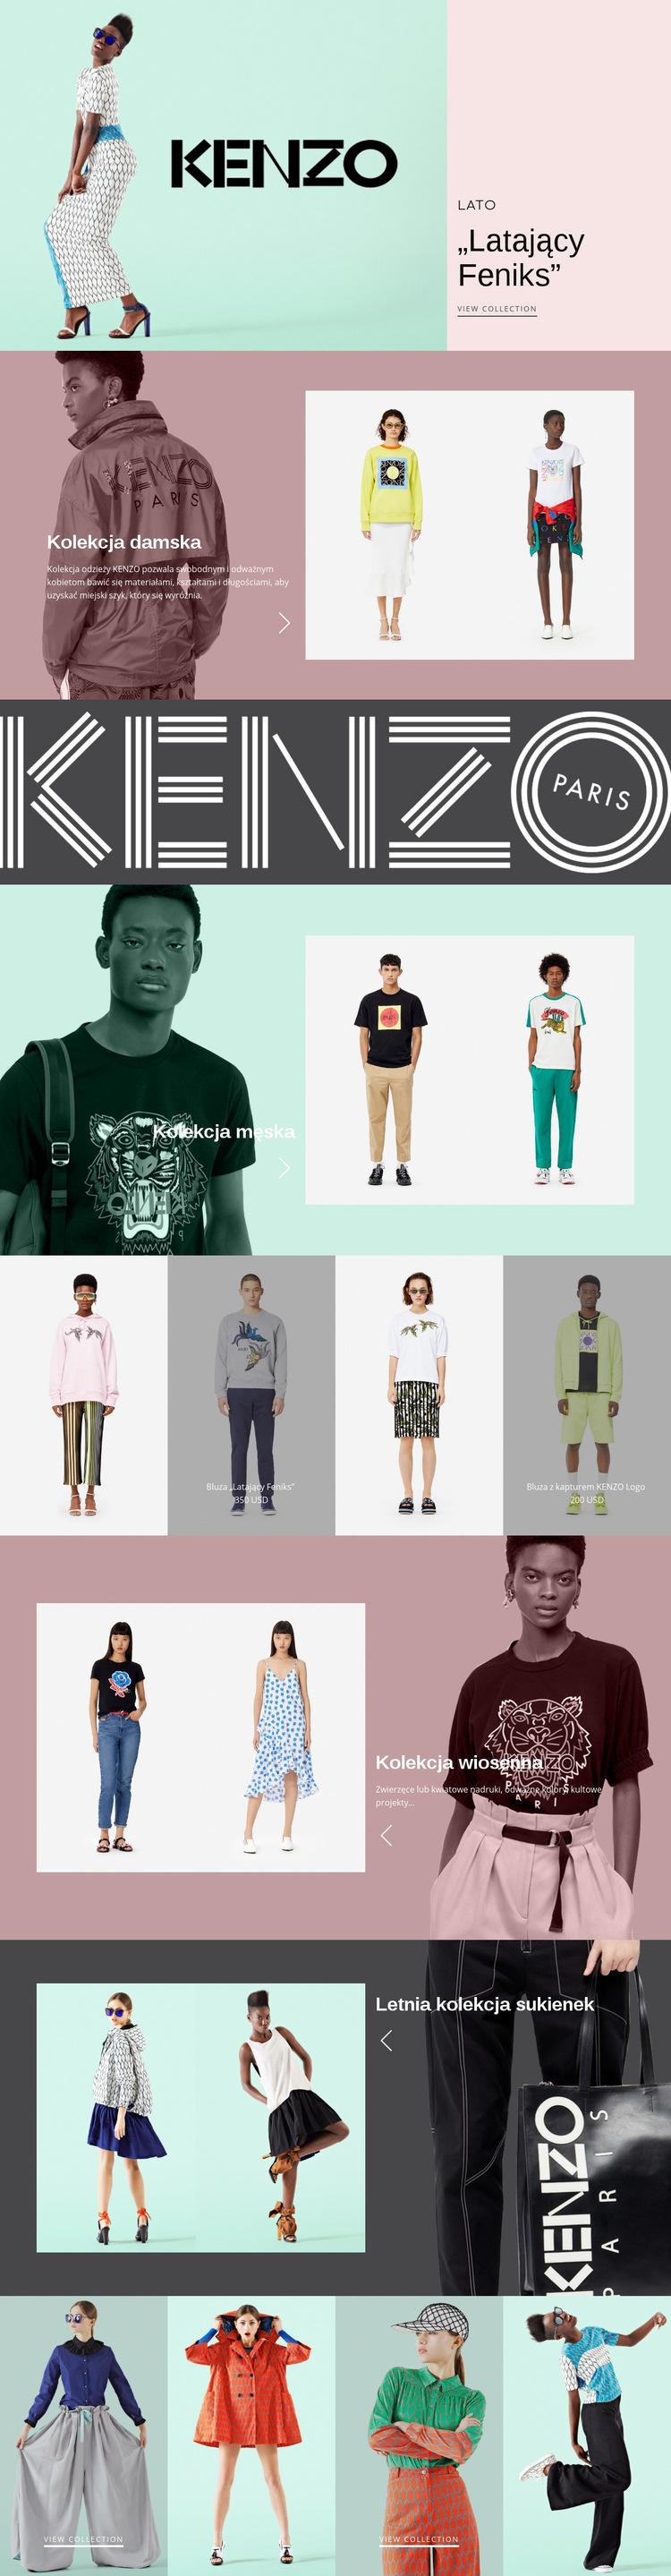 Atelier nowoczesnej mody Szablon witryny sieci Web